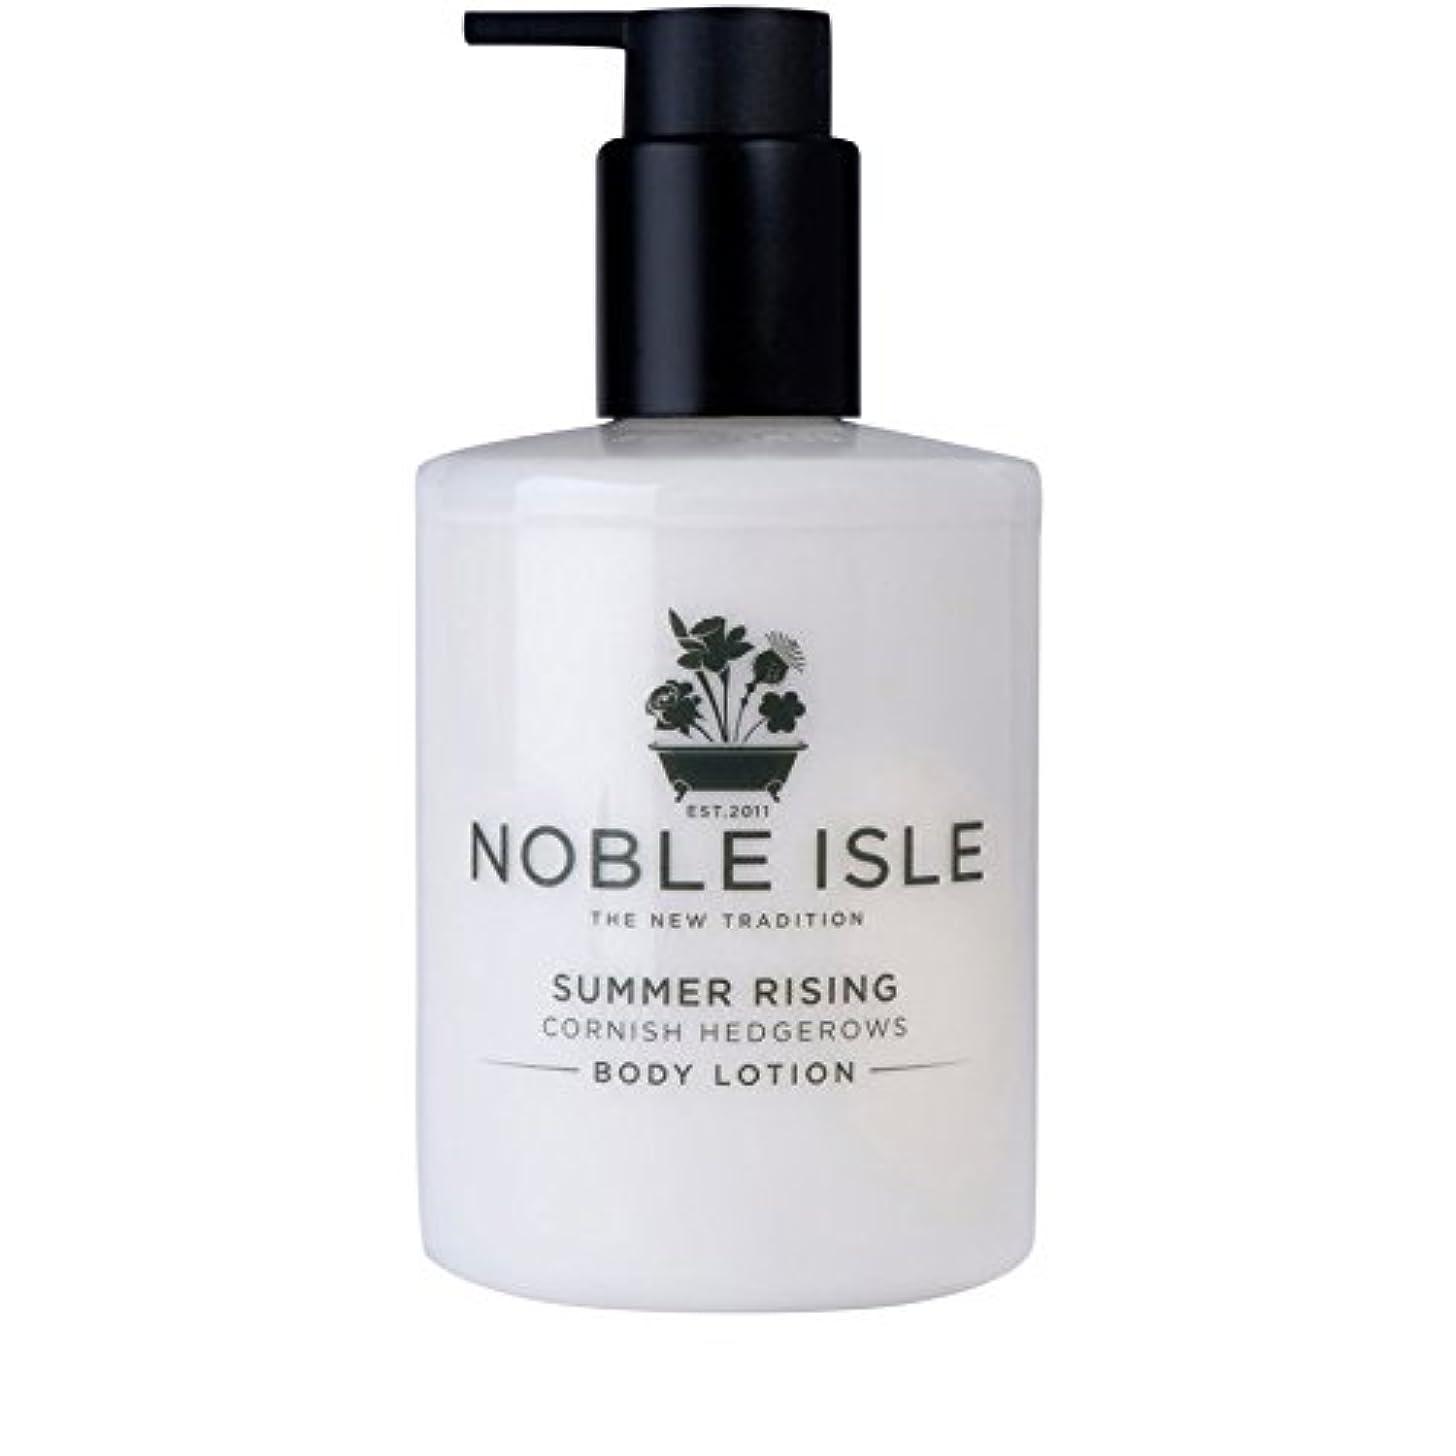 ゼロ応じる欲しいですコーニッシュ生け垣ボディローション250ミリリットルを上昇高貴な島の夏 x2 - Noble Isle Summer Rising Cornish Hedgerows Body Lotion 250ml (Pack of...